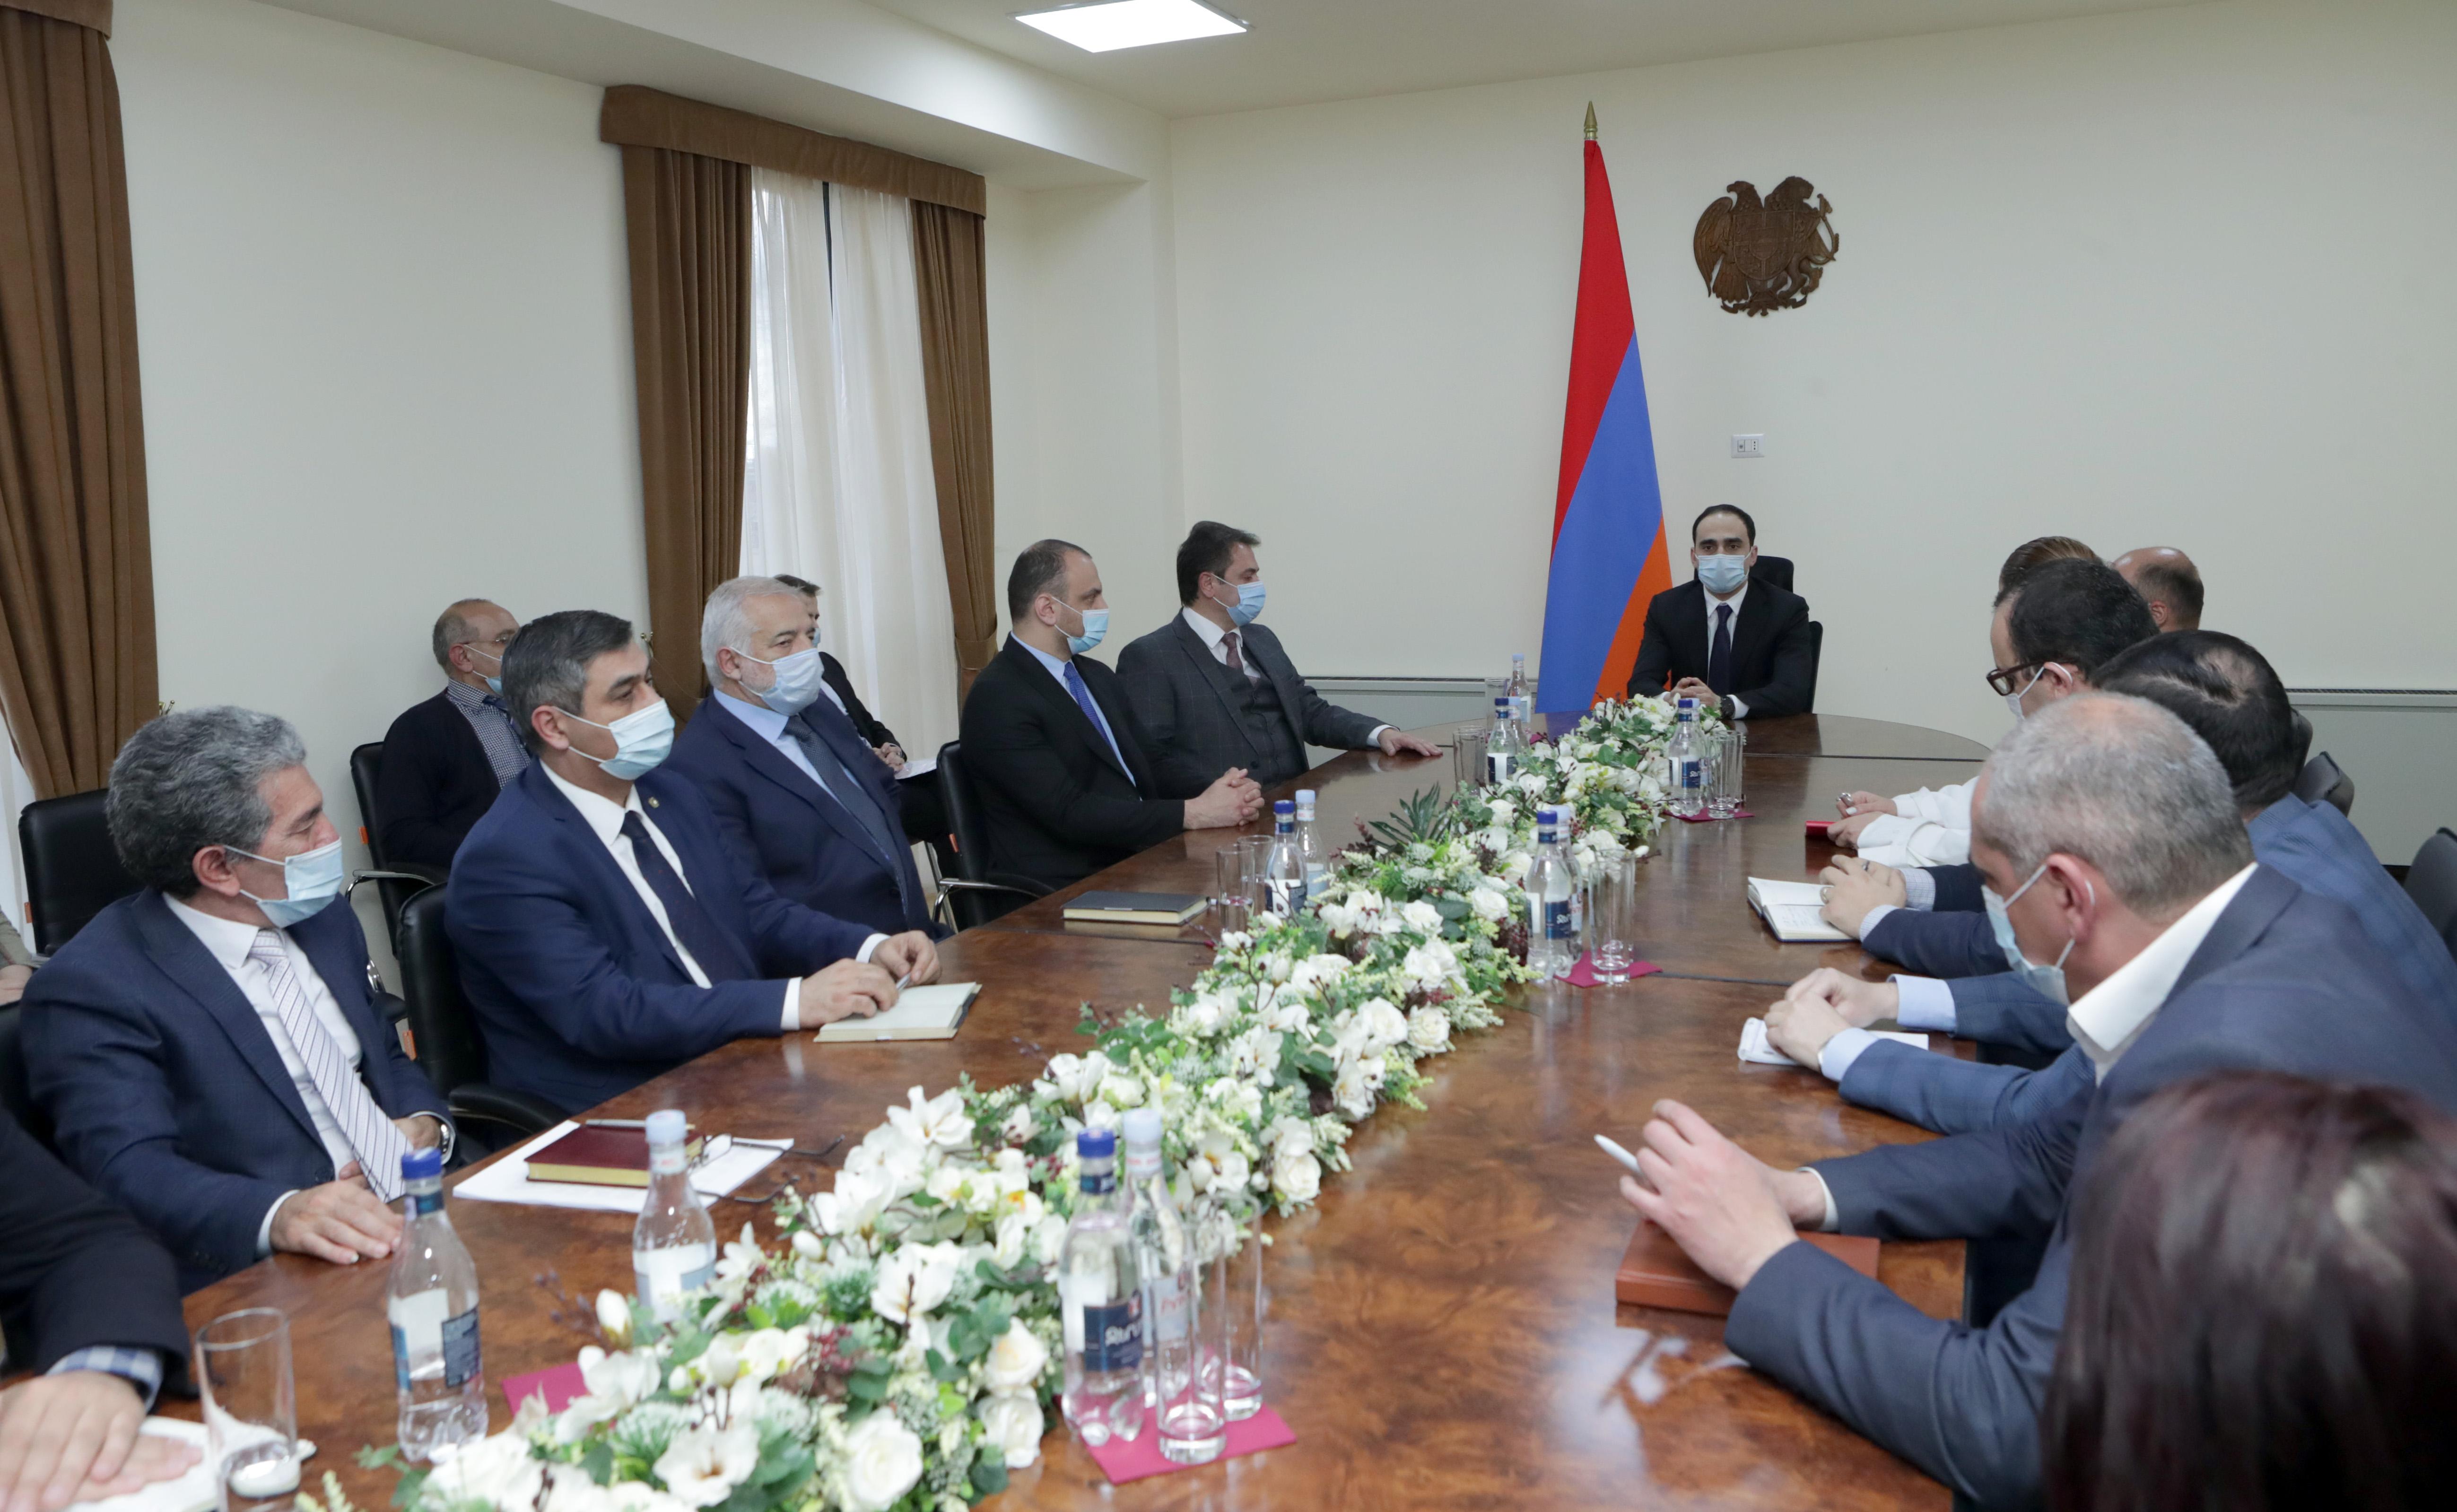 Photo of Вице-премьер Авинян представил новоназначенного министра высокотехнологической промышленности Айка Чобаняна